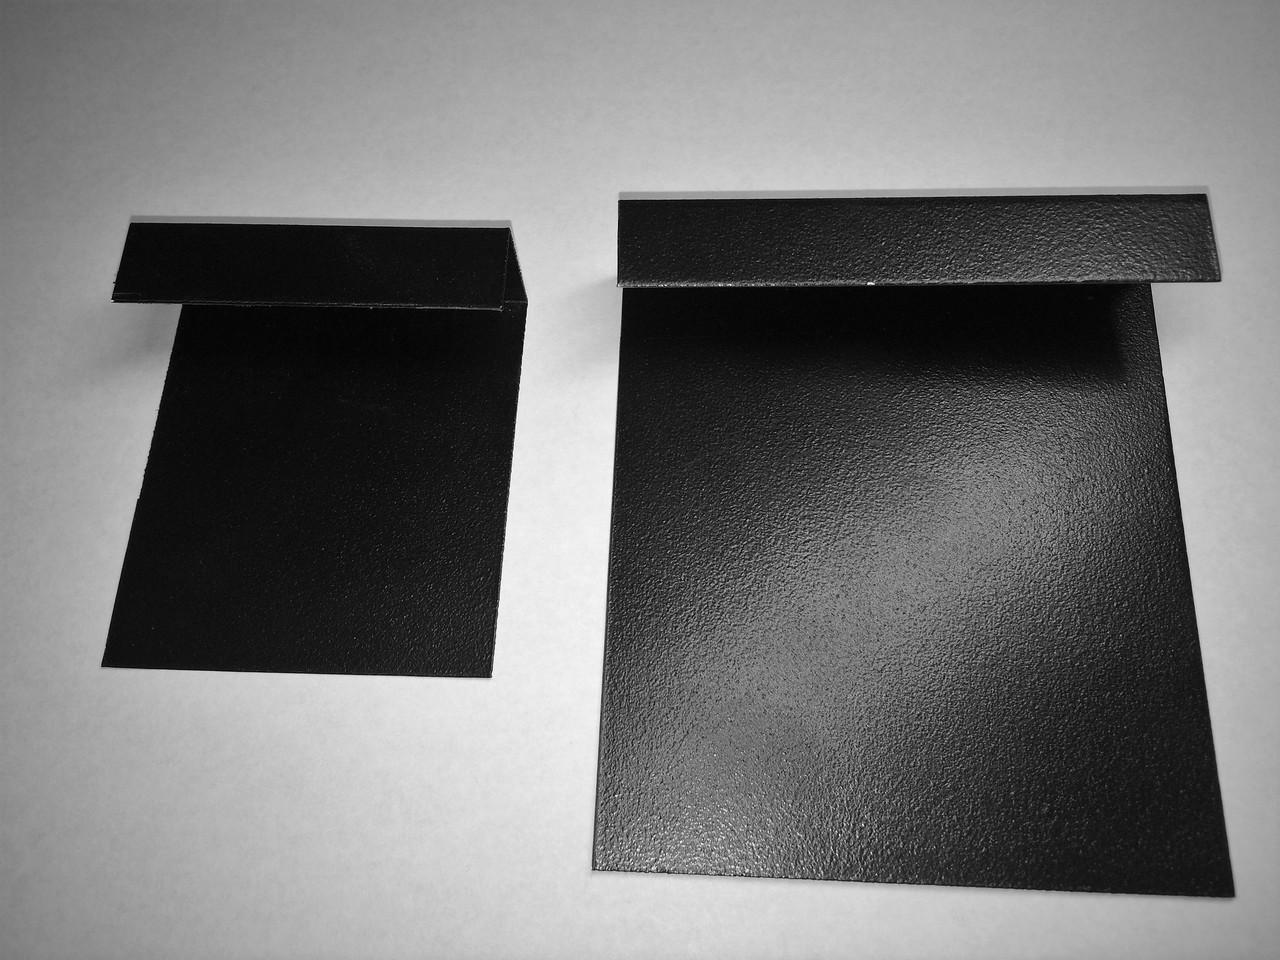 Меловой ценник 3х3 см П-образный на полку. Грифельная табличка на стеллаж. Для надписей мелом и маркером.